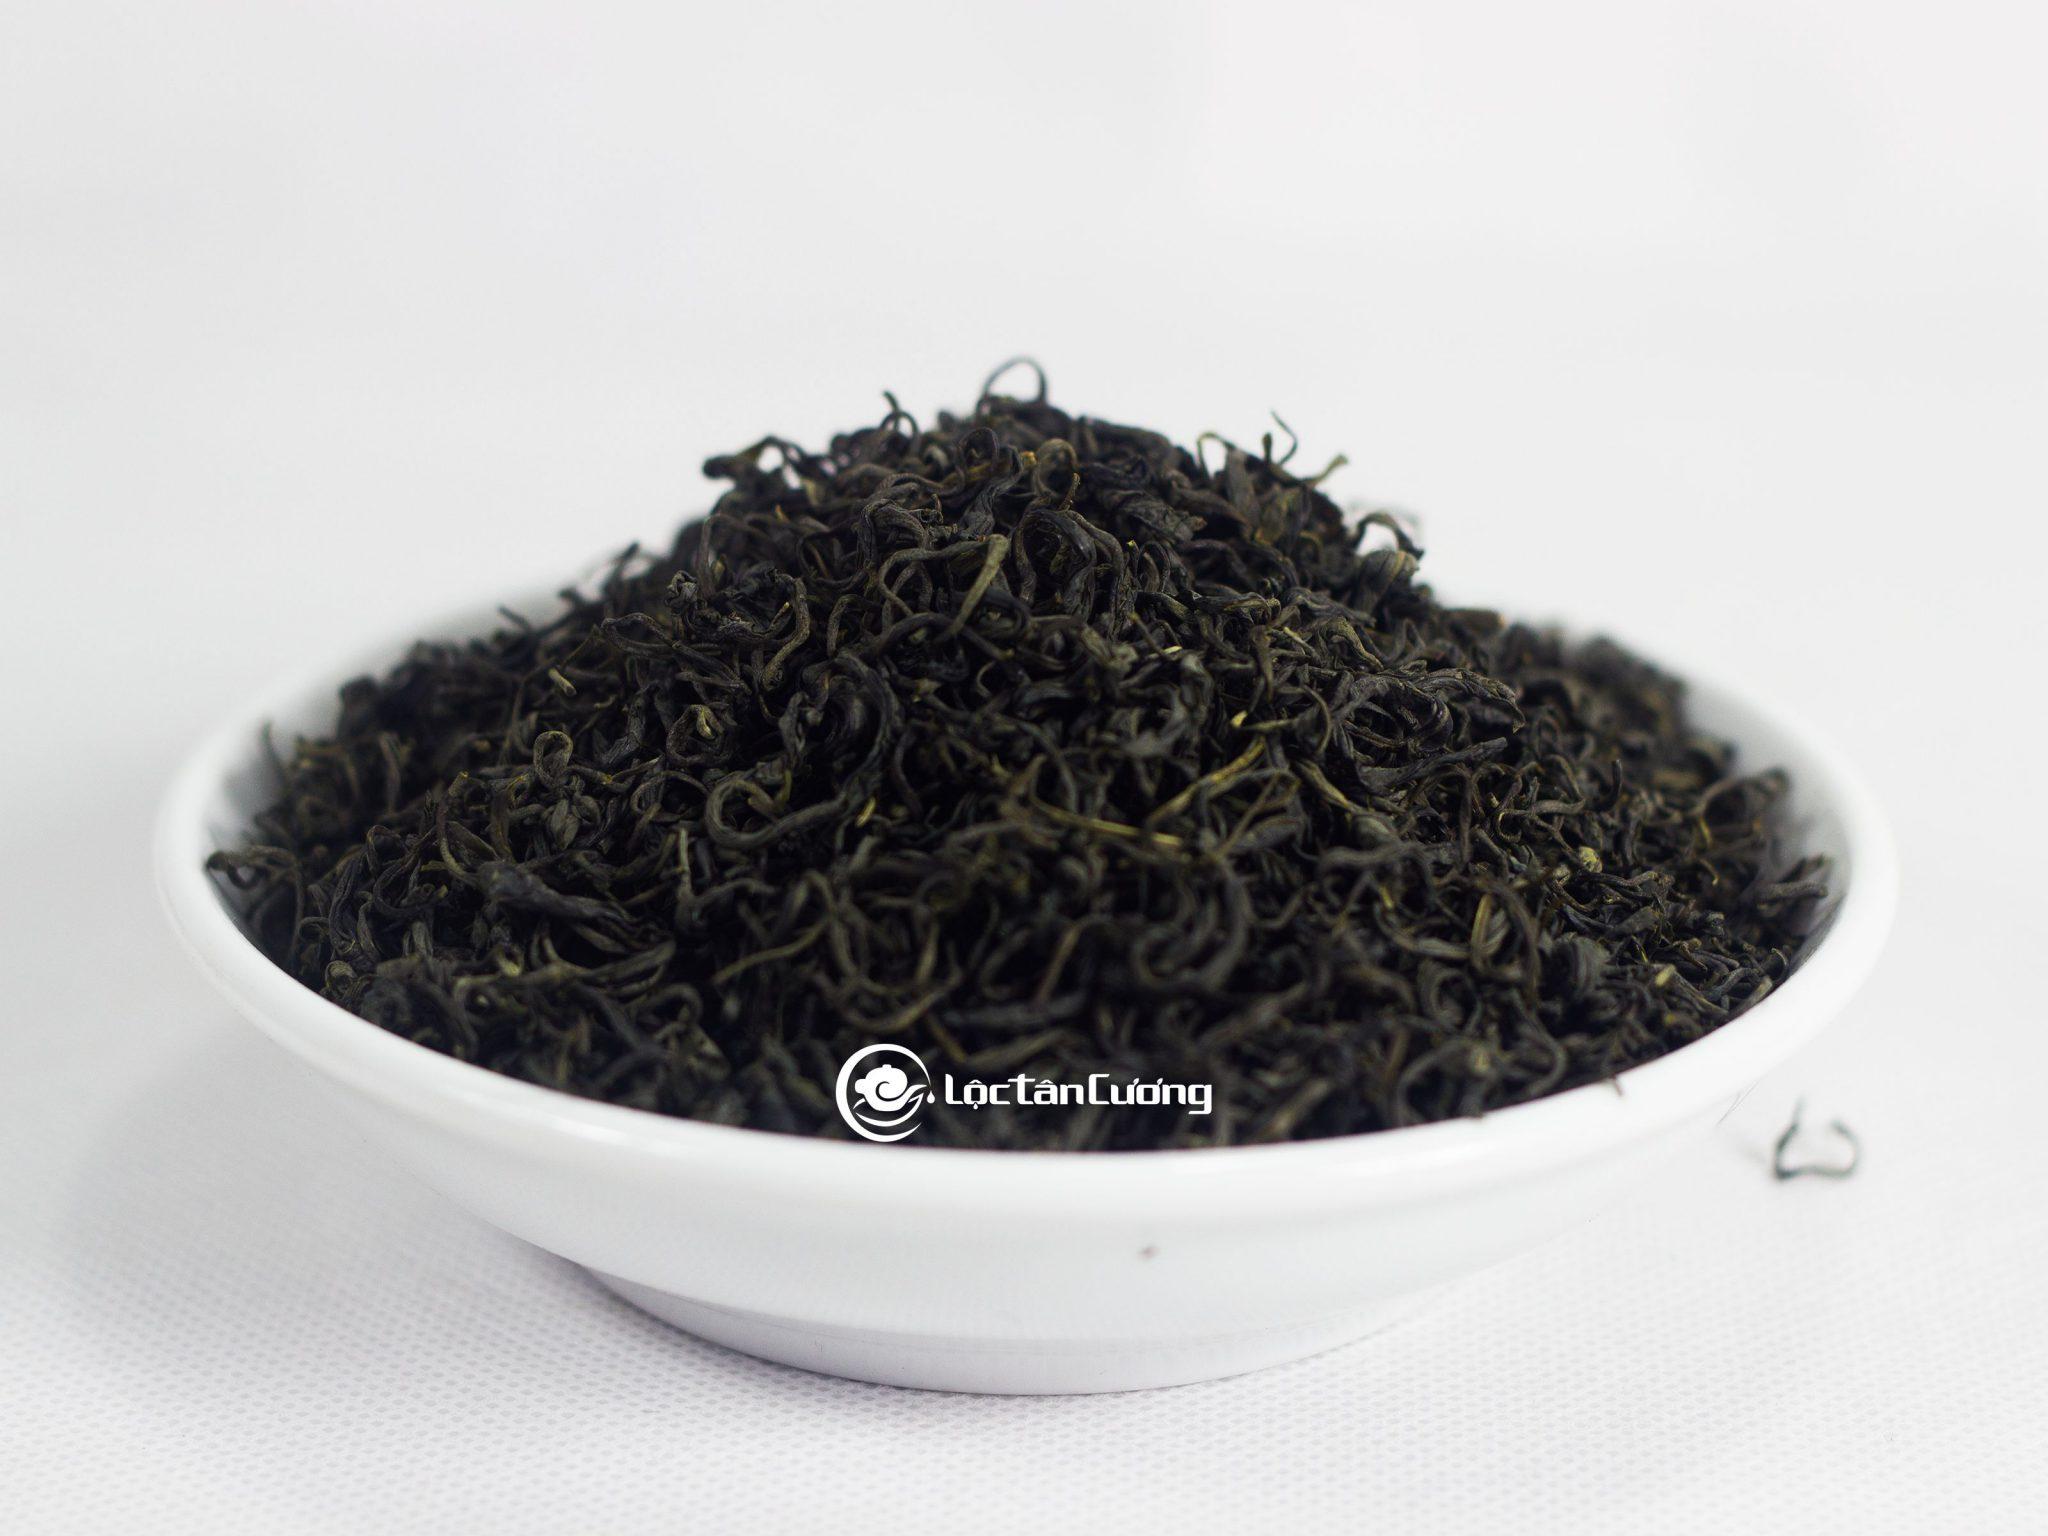 Trà bắc là cái tên gọi chung cho tất cả loại trà mạn của miền Bắc